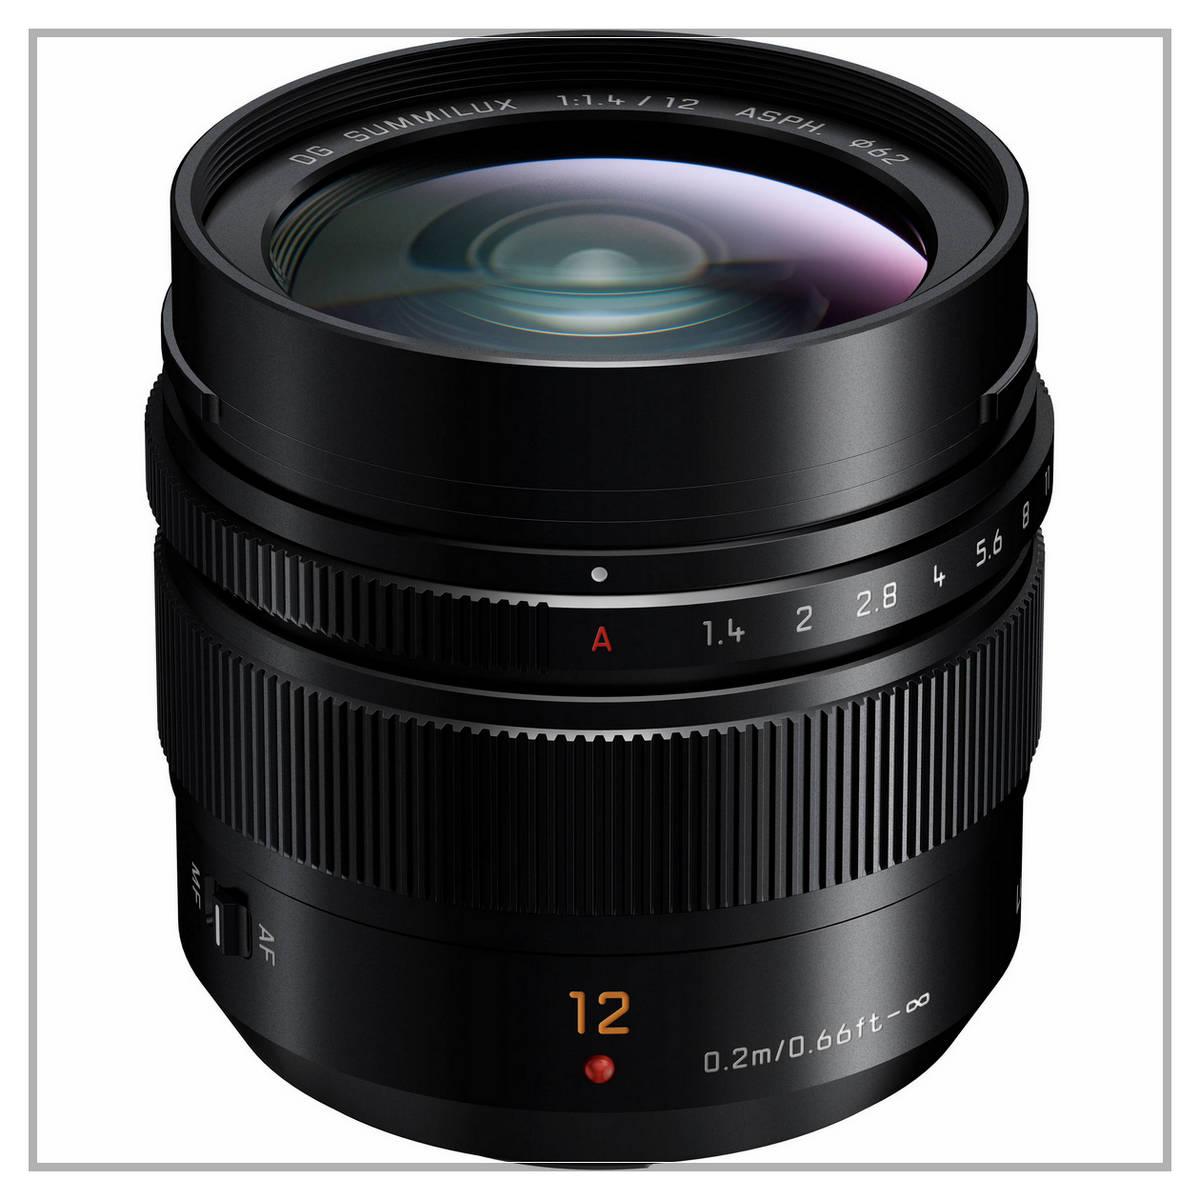 Panasonic Leica DG Summilux 12 f1.4 DG Micro Aspherical